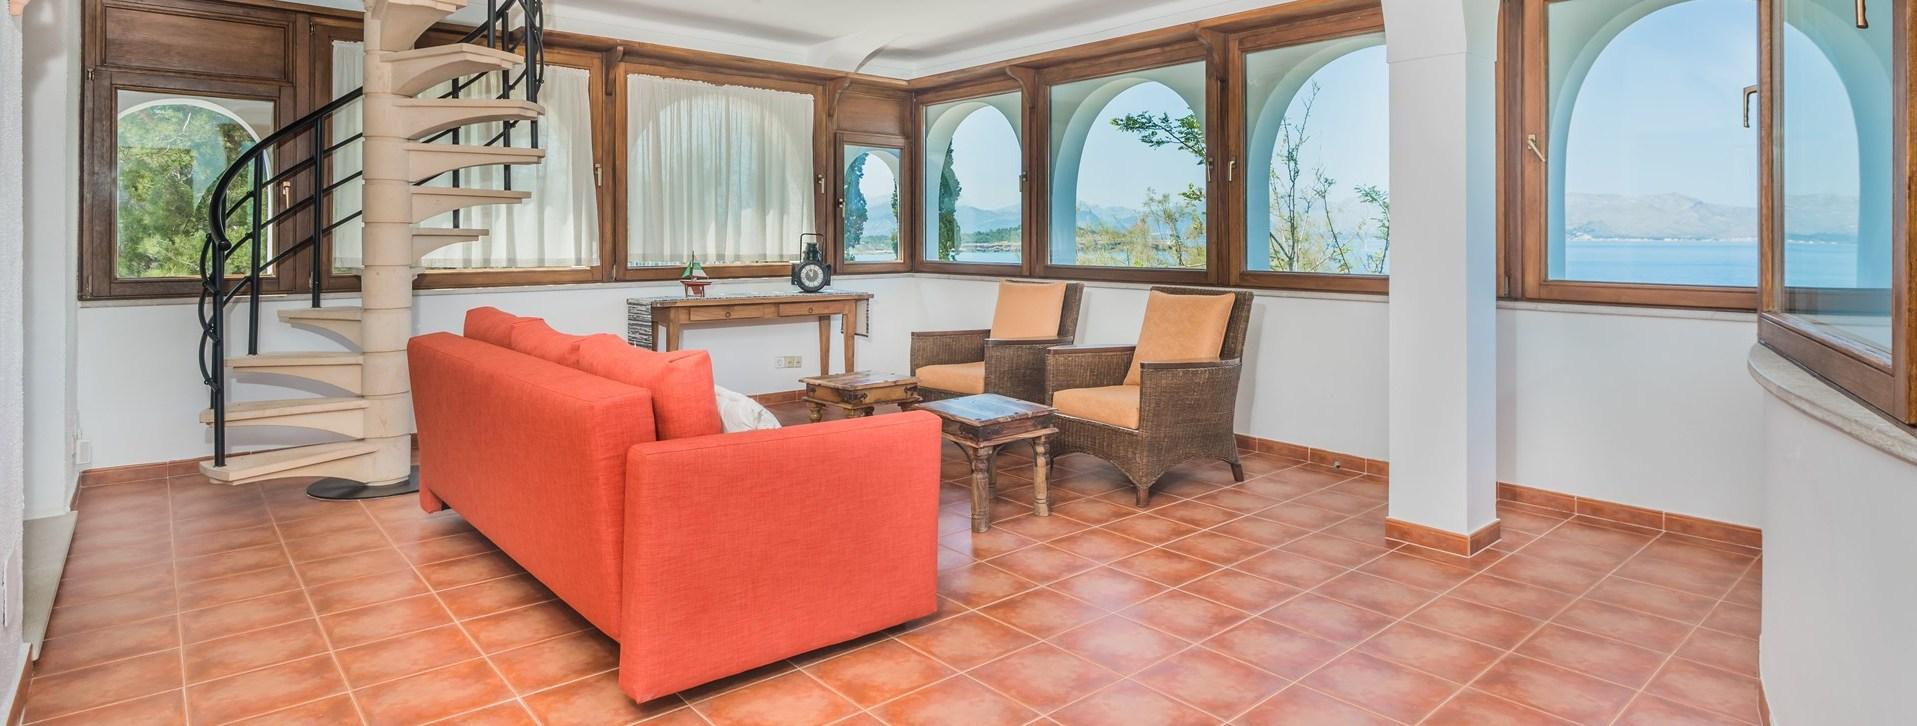 villa-el-mirador-lounge-2